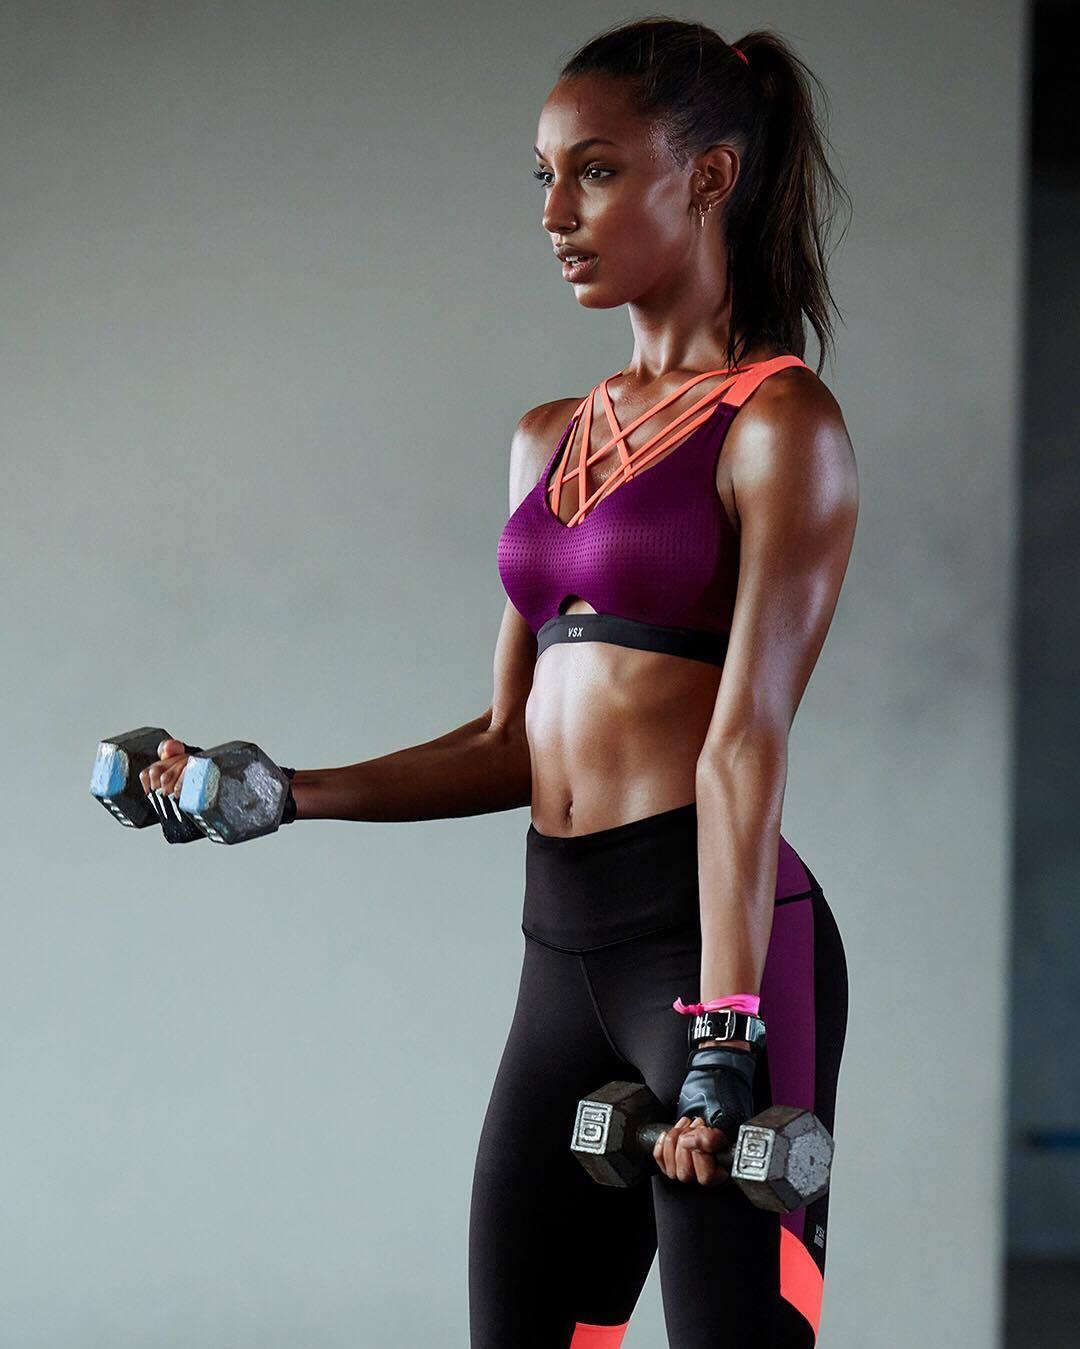 Tonificar el pecho en 3 semanas: el entrenamiento definitivo